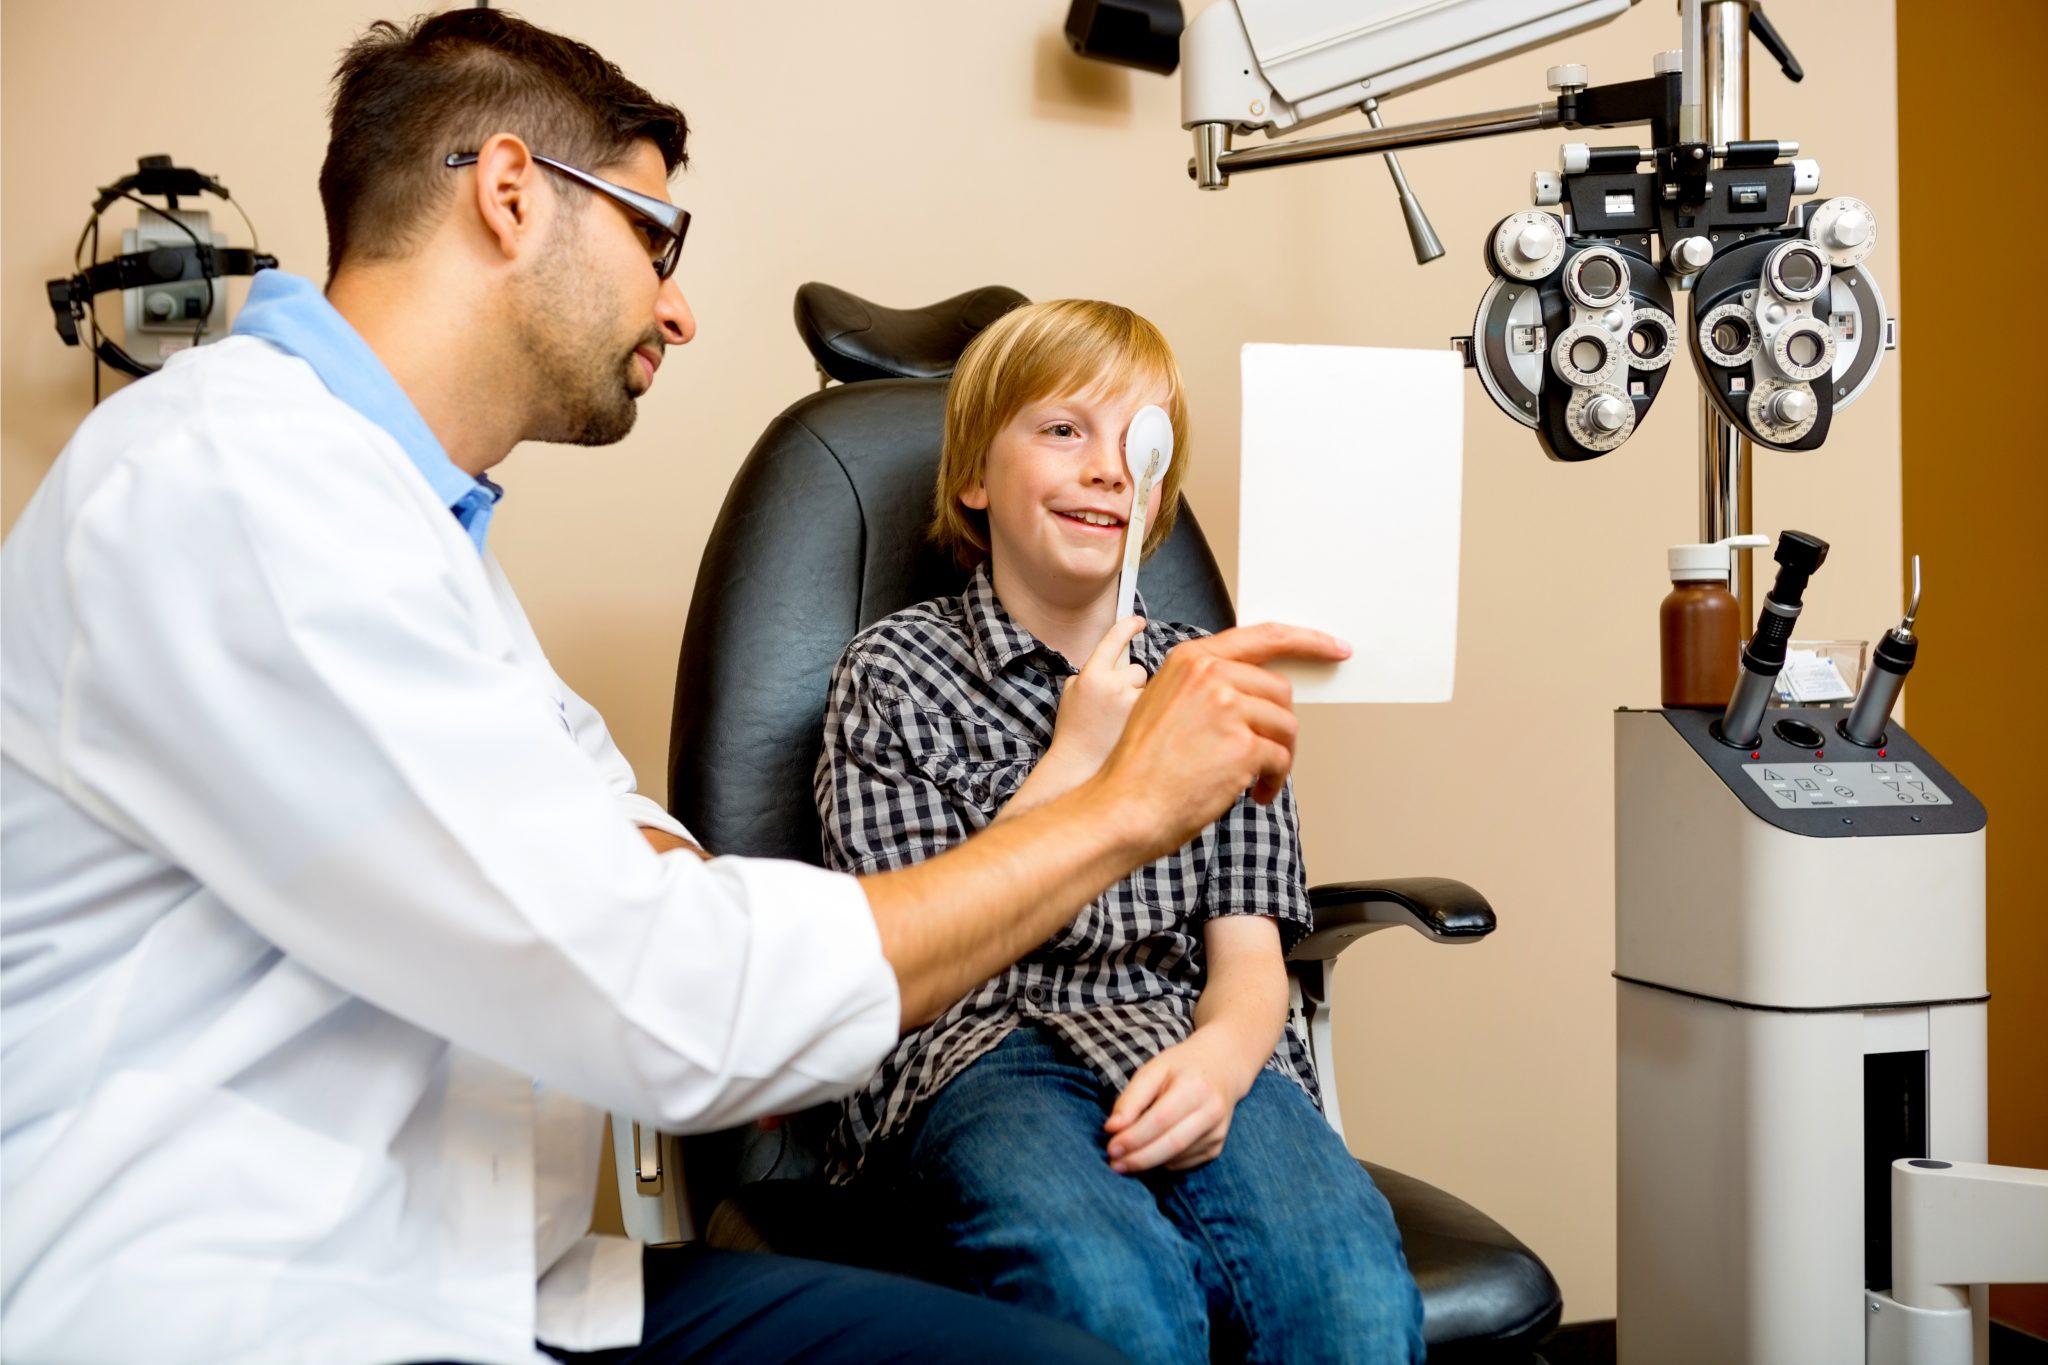 視力検査をしている男の子